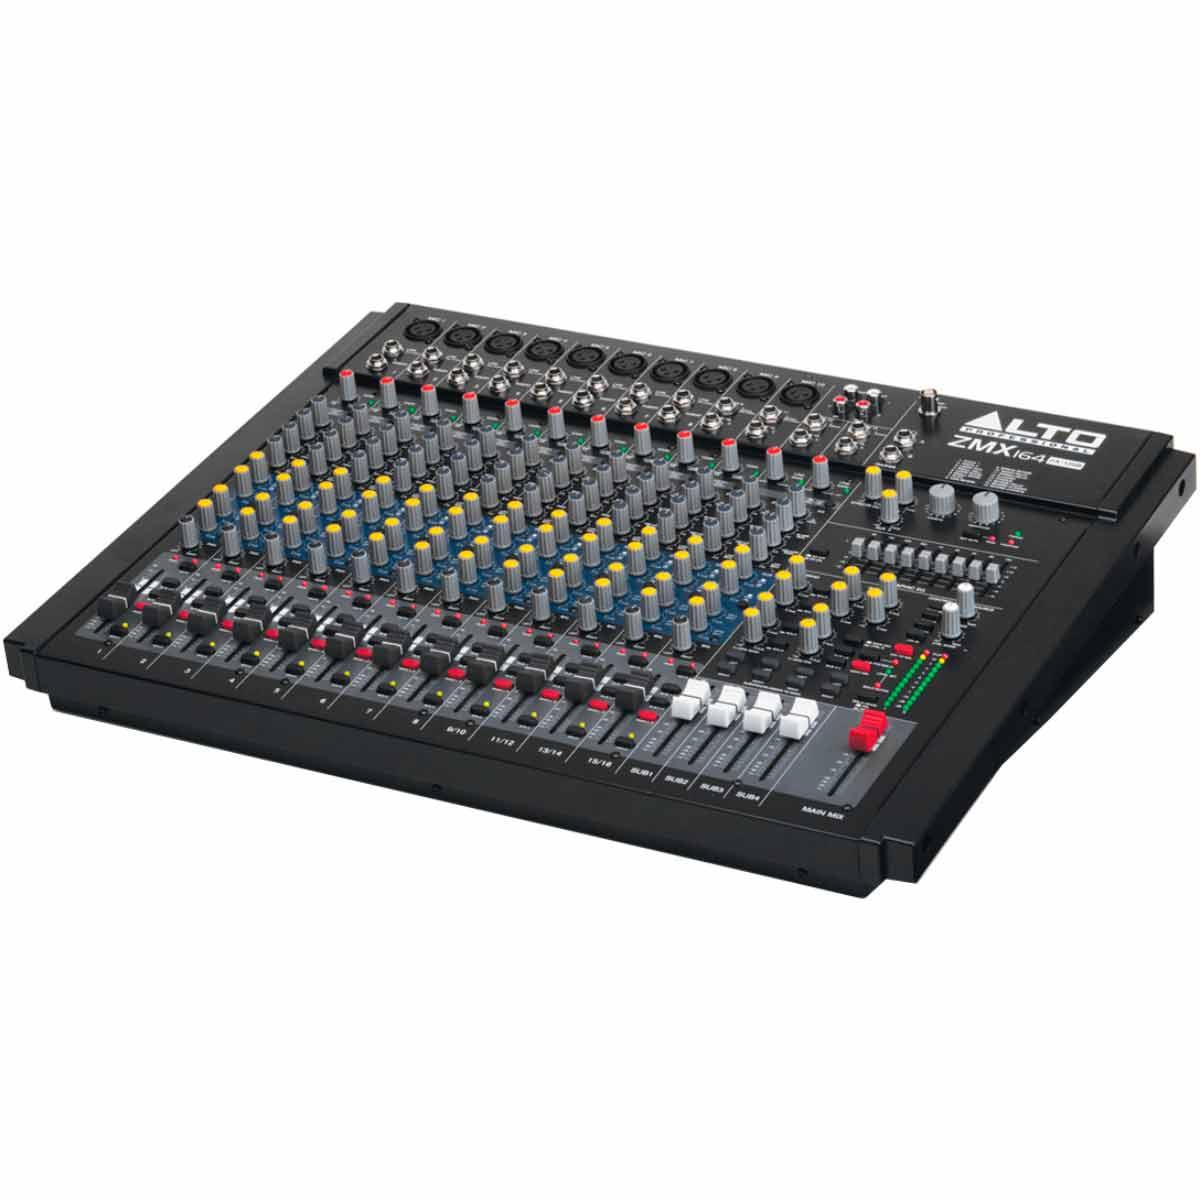 Mesa de Som 16 Canais Balanceados (10 XLR + 4 P10) c/ USB / Efeito / Phantom / 4 Auxiliares - Zephyr ZMX 164 FX USB Alto